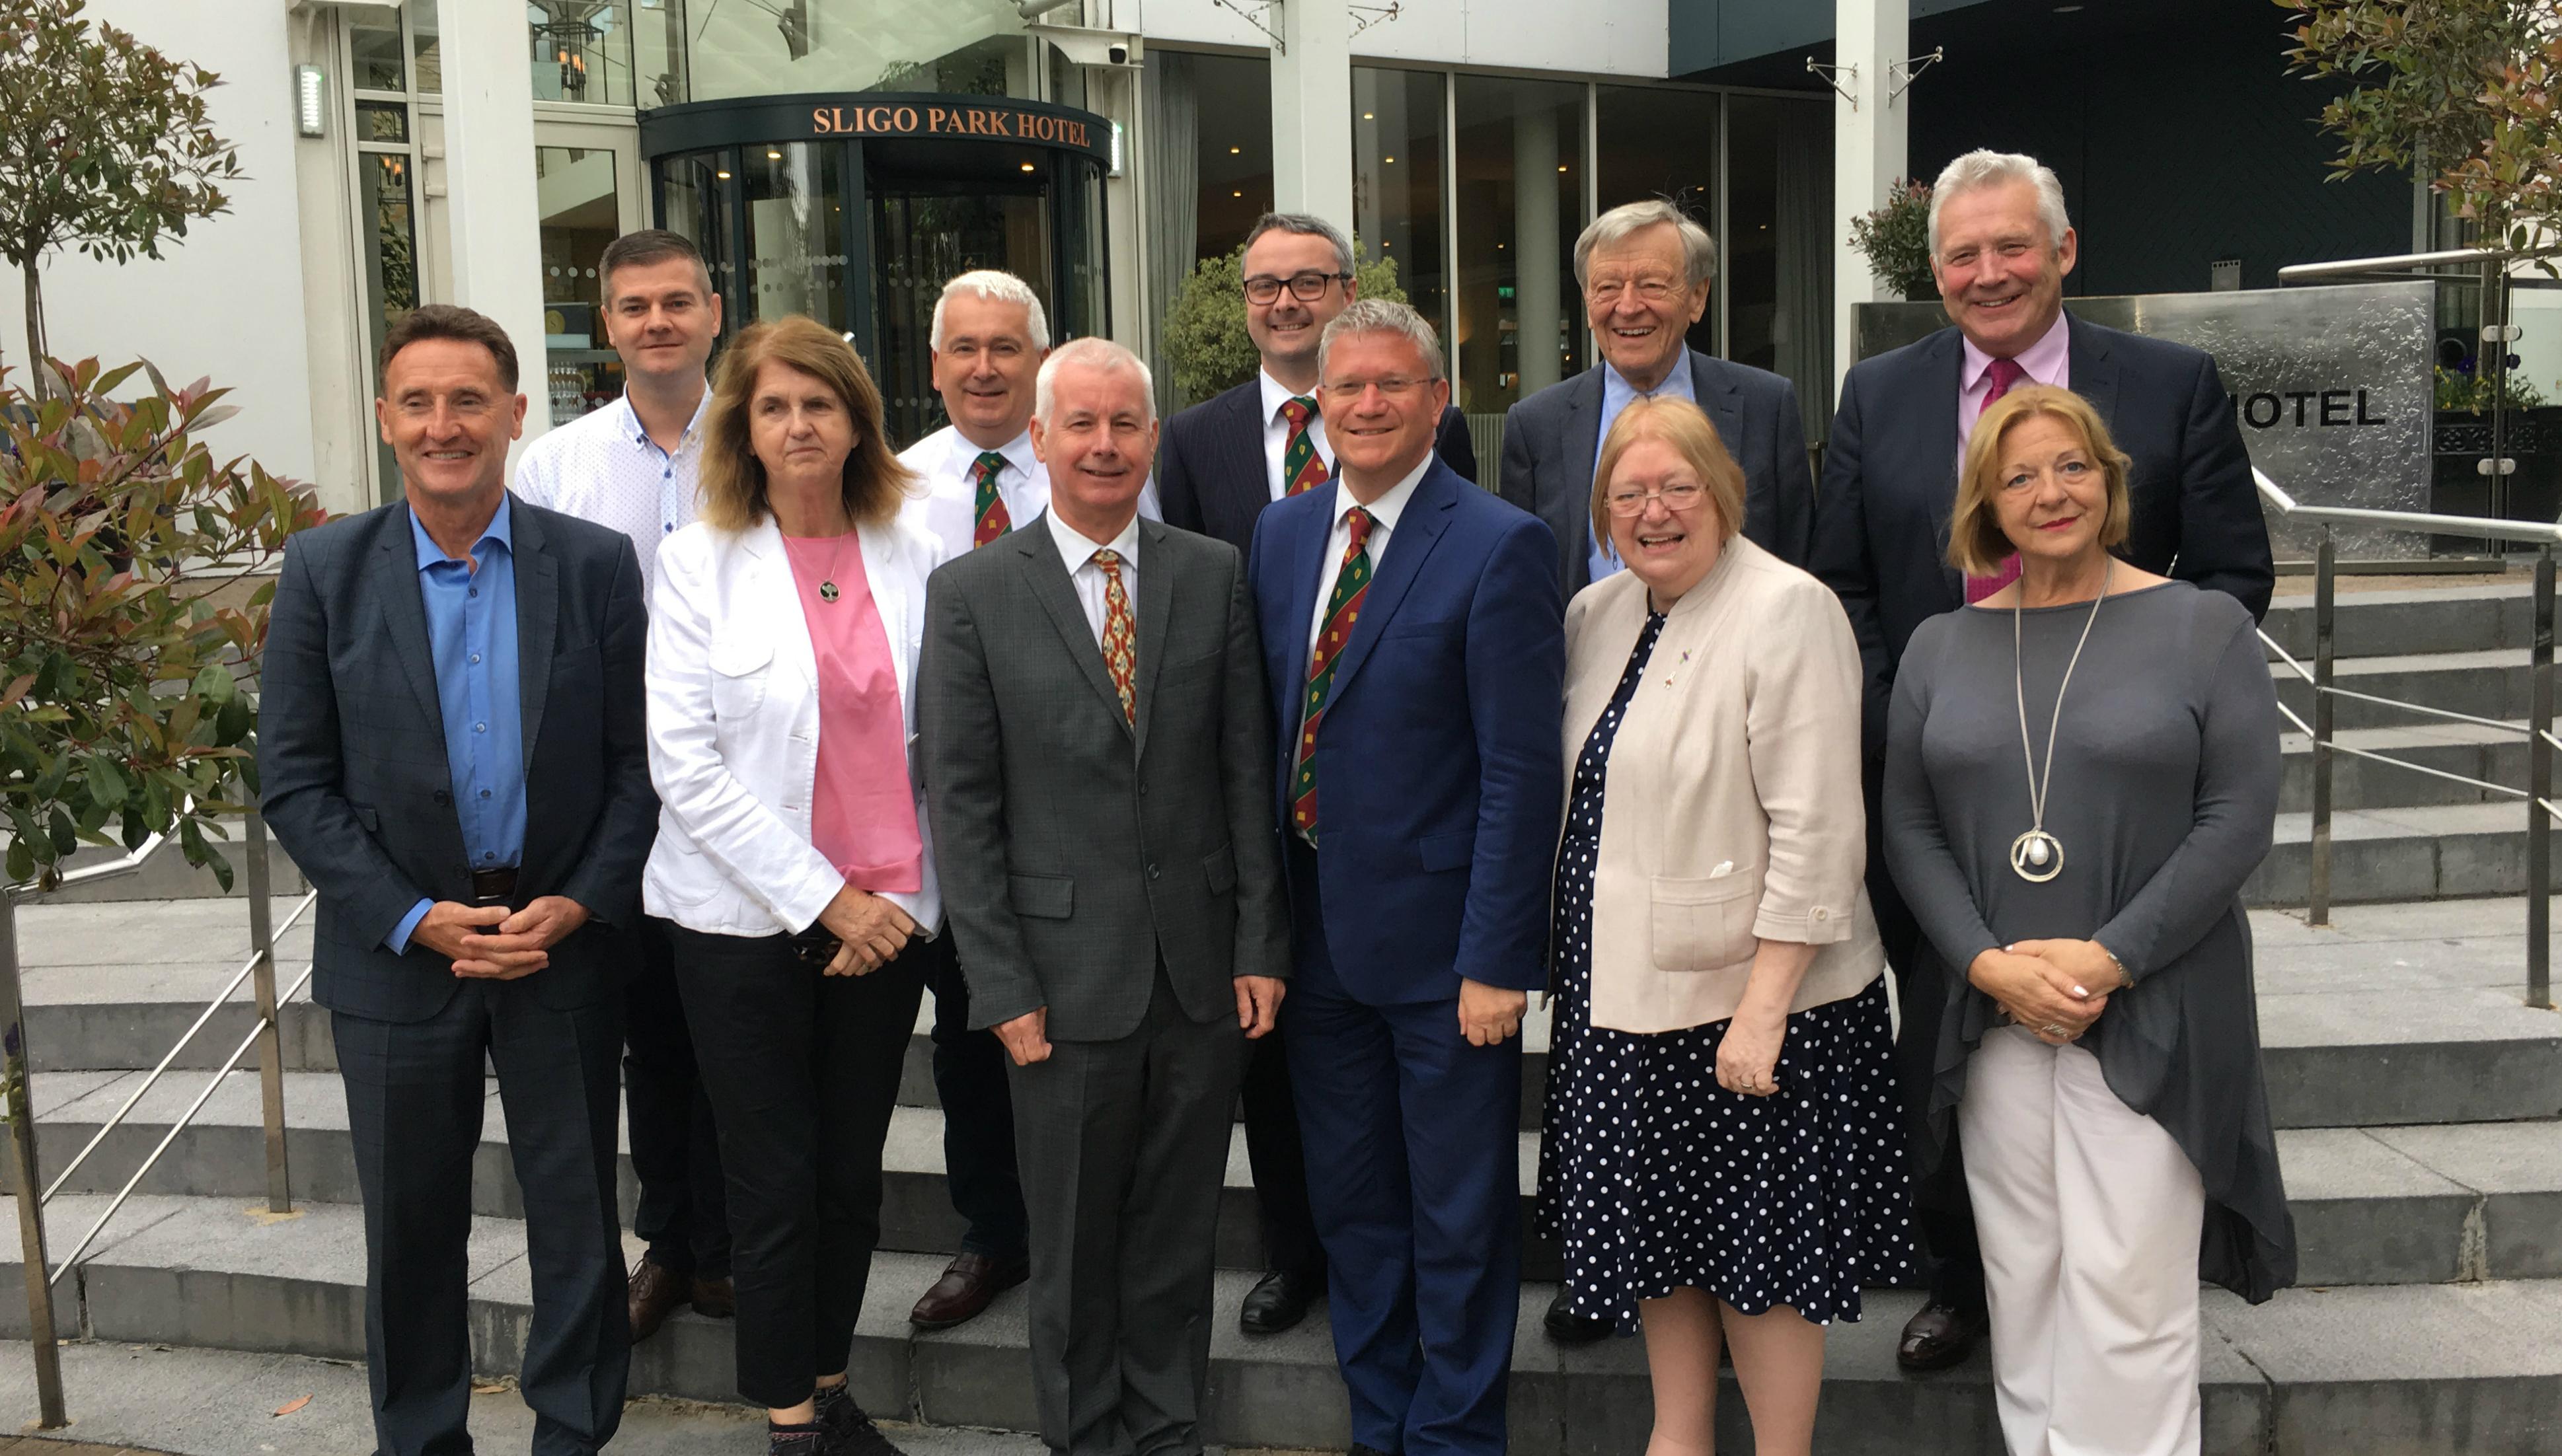 British Irish Parliamentary Assembly Welcome